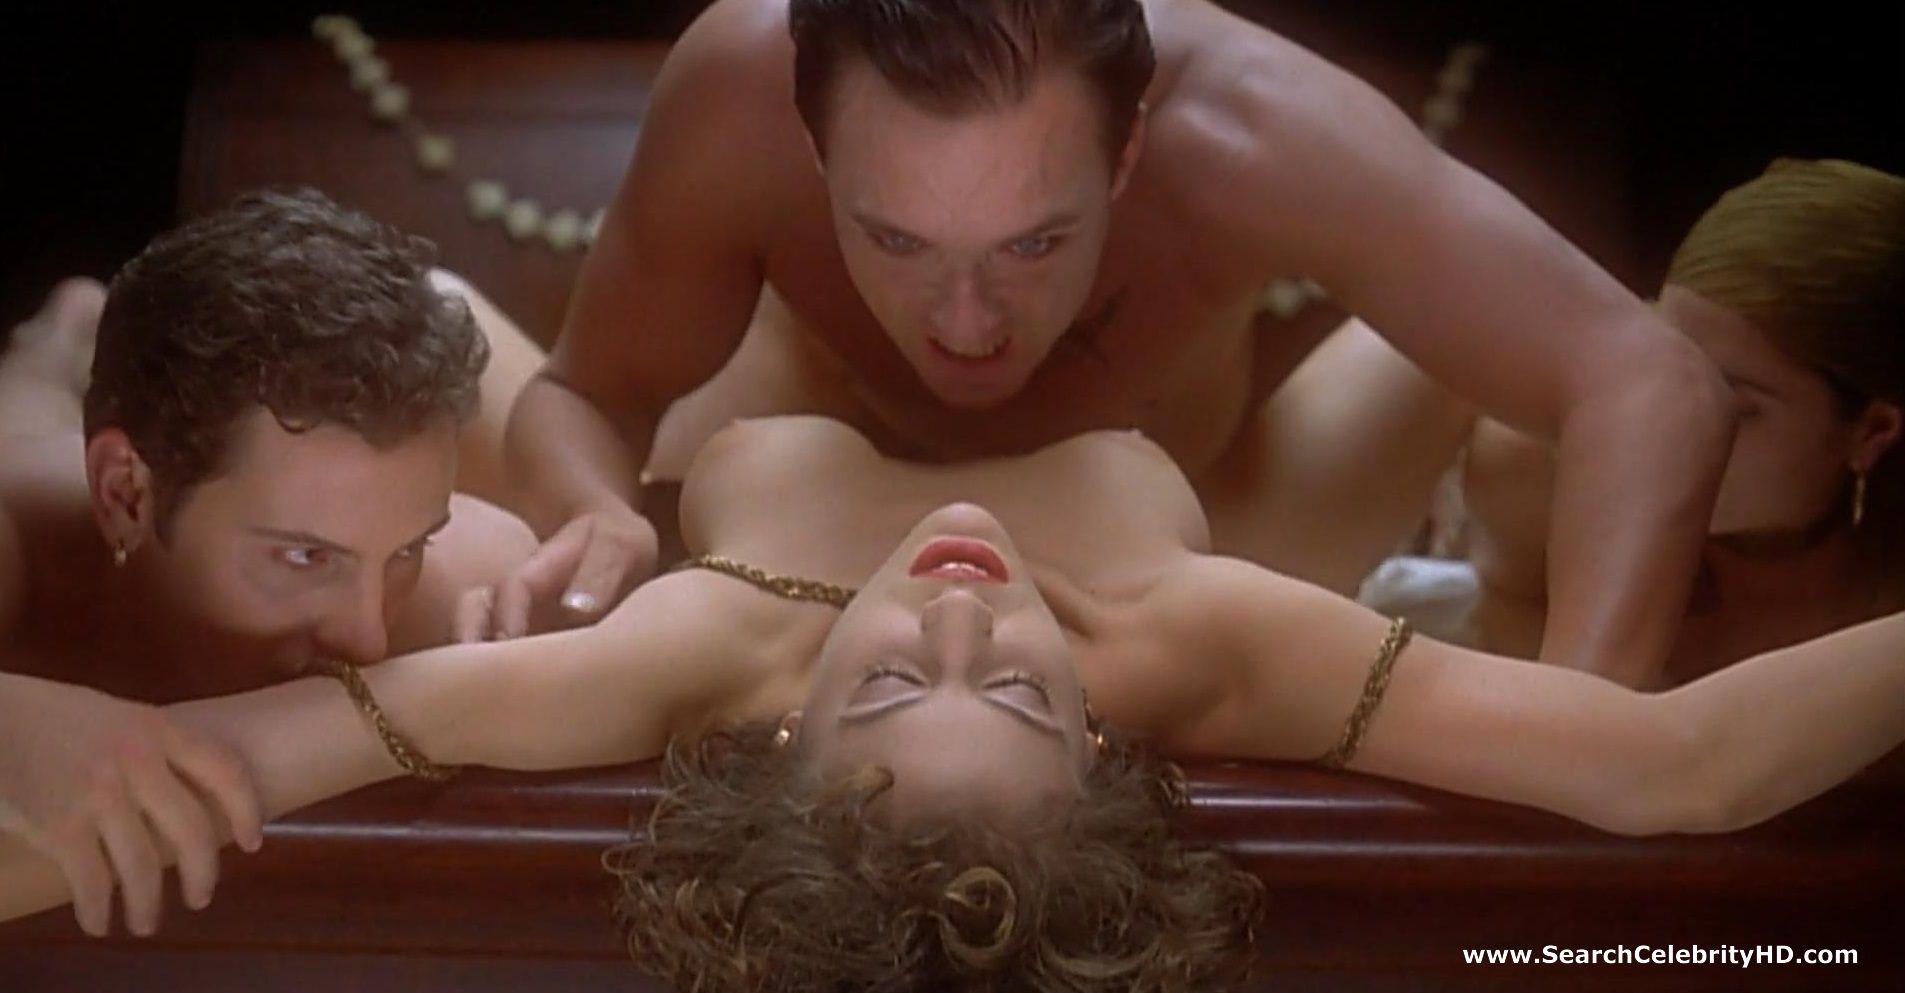 Укус вампира порнофильм смотреть онлайн